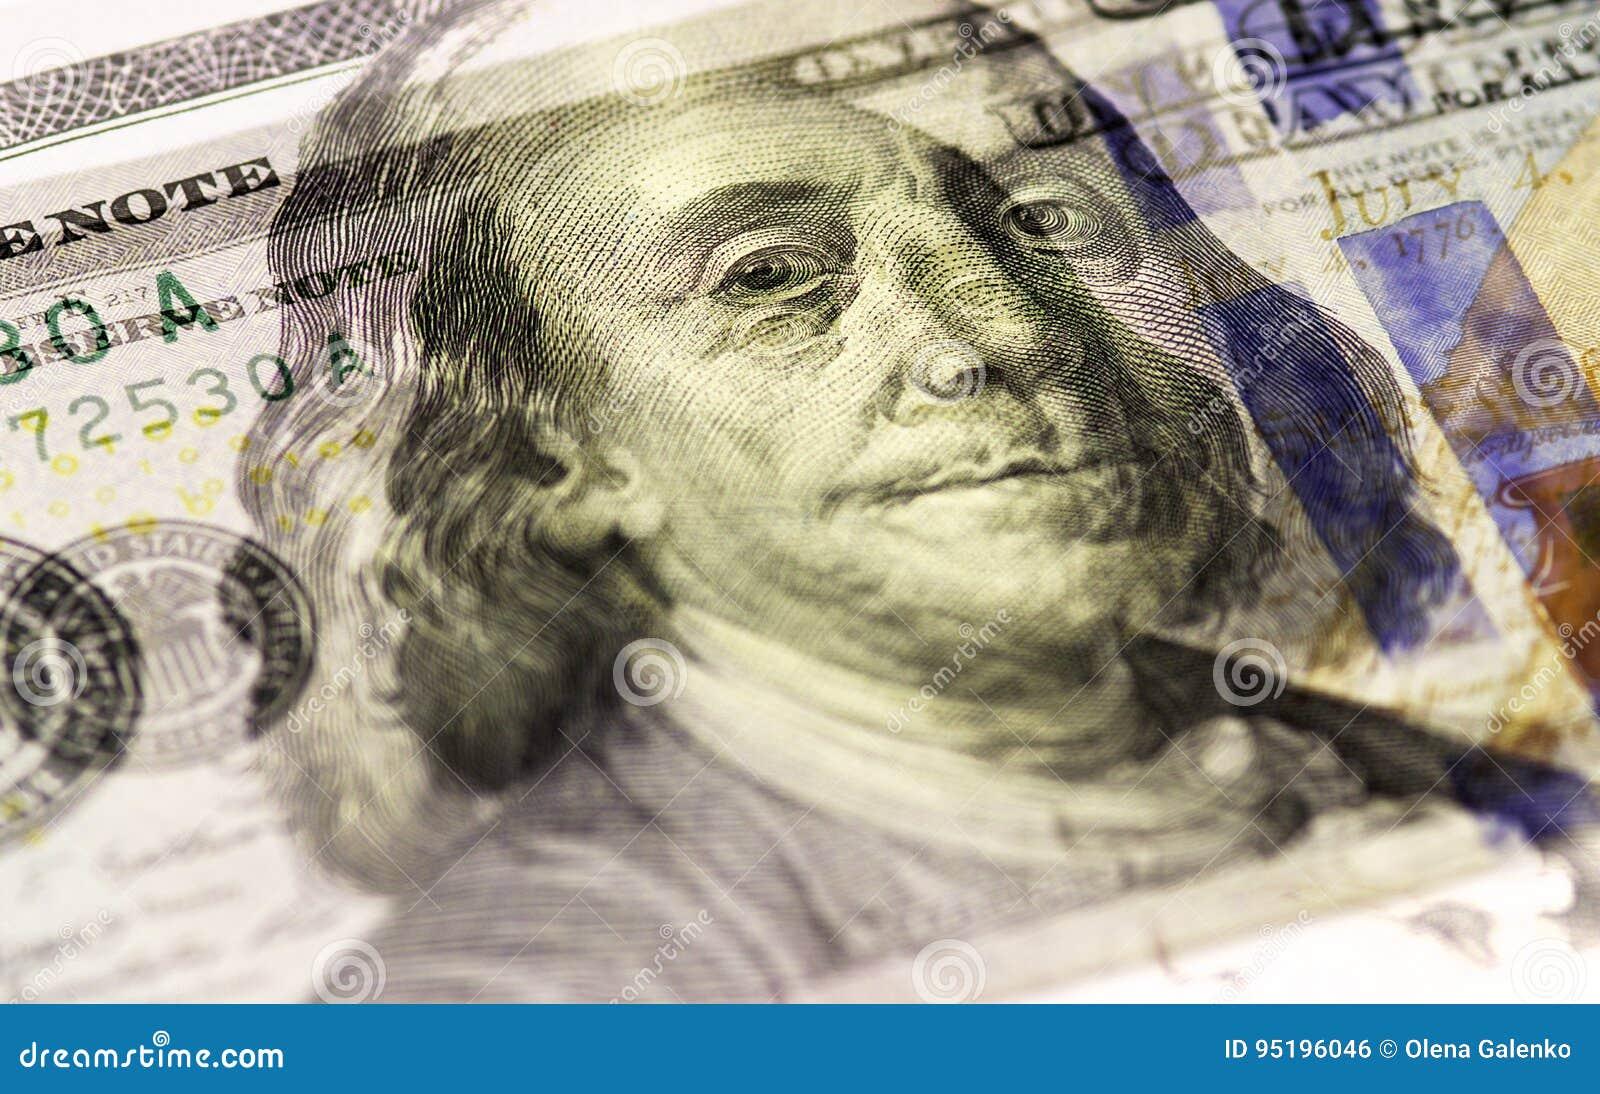 Benjamin Franklin stawia czoło na USA sto lub 100 rachunku makro- dolarach, zlany stanu pieniądze zbliżenie